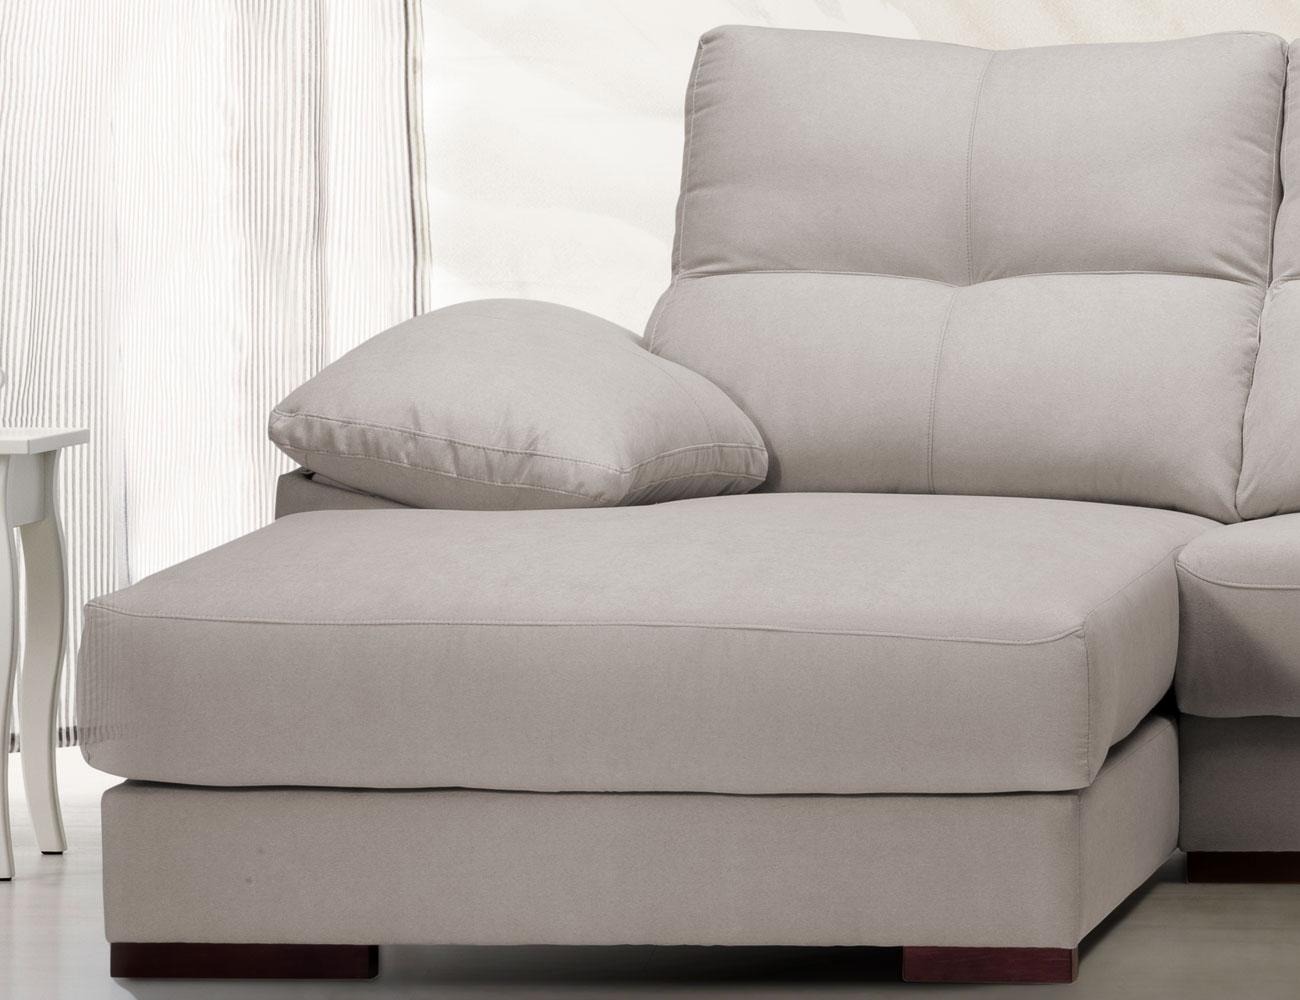 Sofa chaiselongue lisboa 5